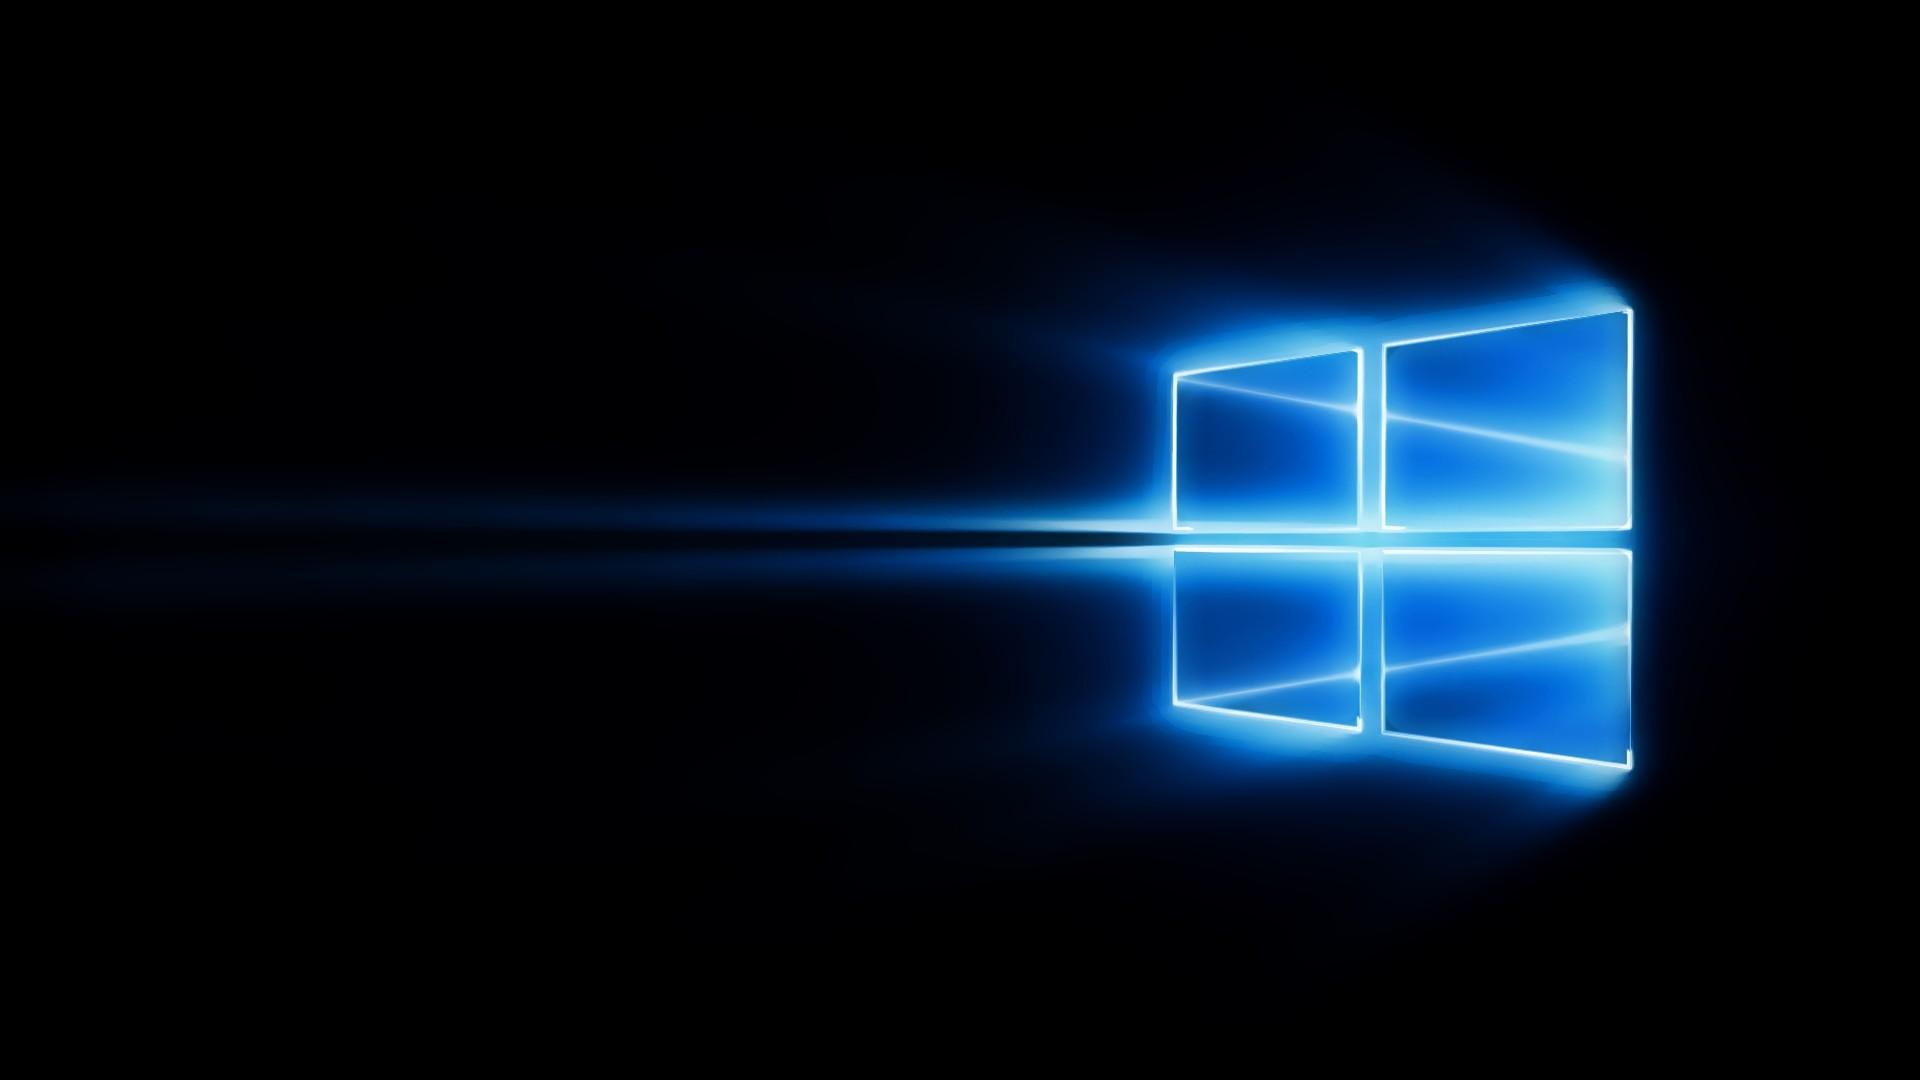 Desktop wallpaper for windows 10 4k